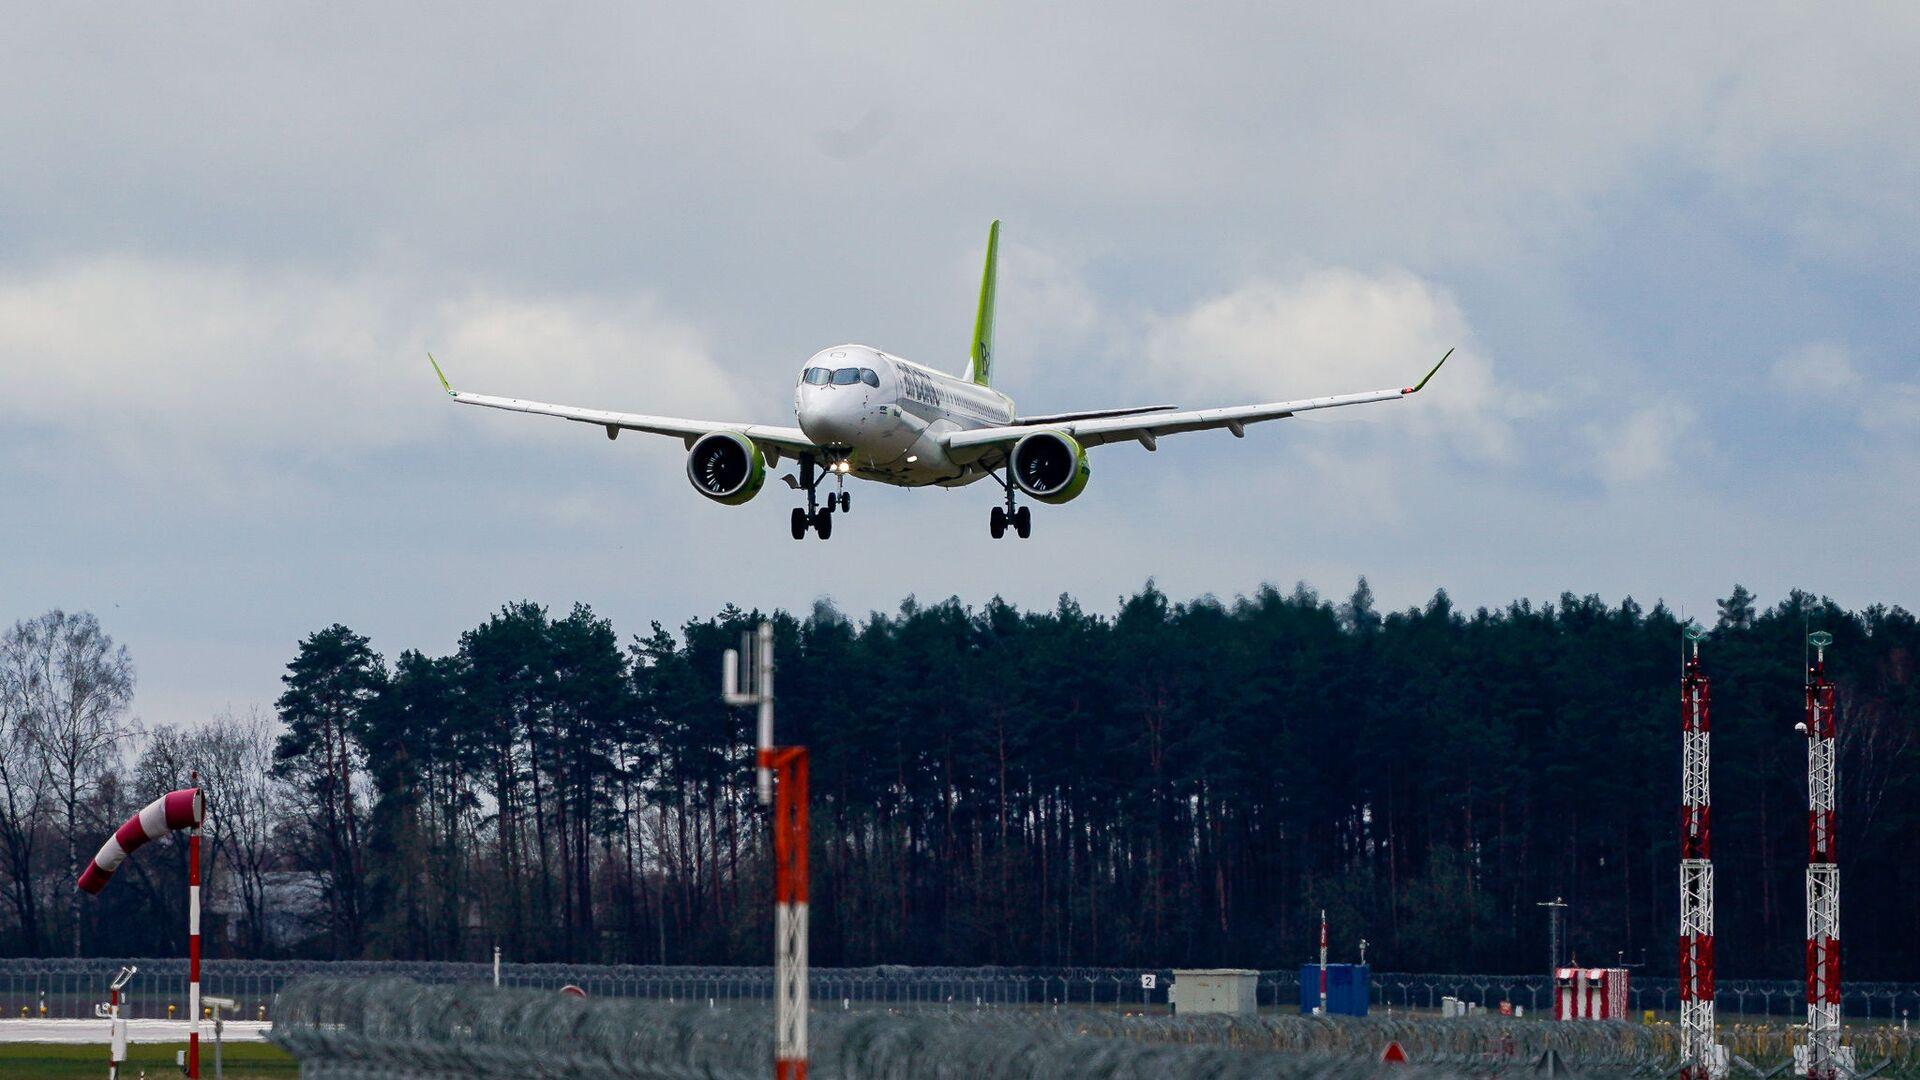 Самолет латвийской авиакомпании airBaltic заходит на посадку в аэропорт Рига - Sputnik Латвия, 1920, 03.07.2021